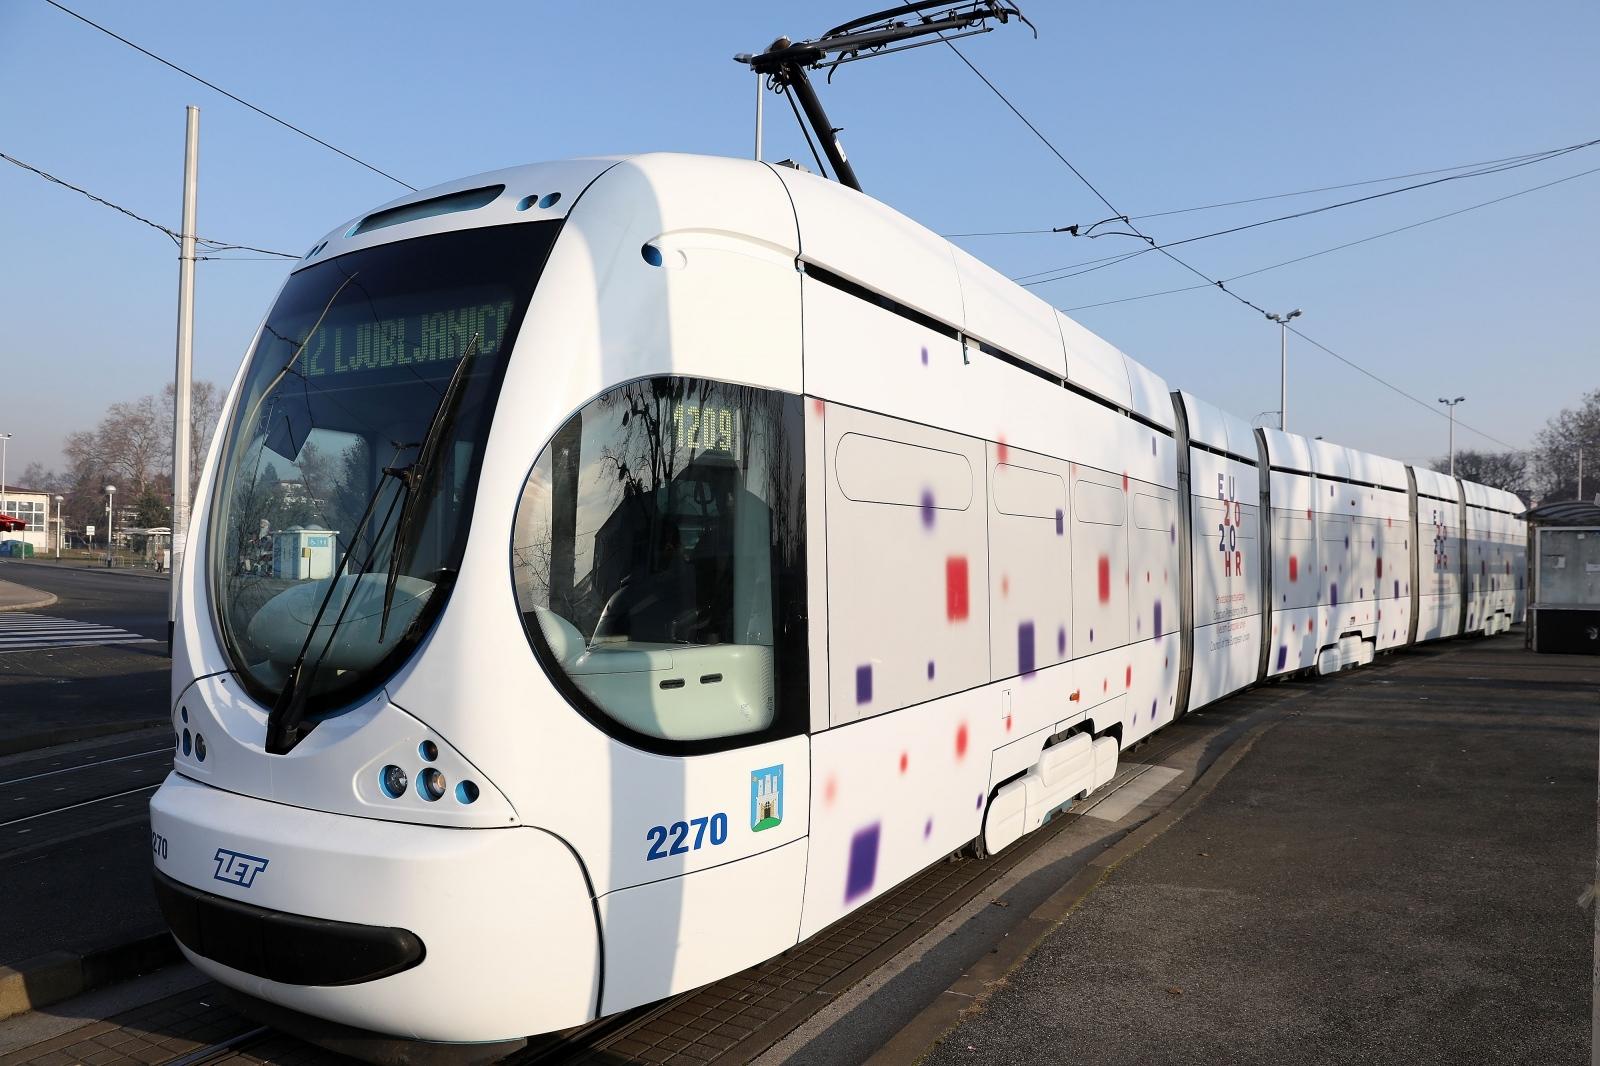 Foto Uz Plave Zagrebom Odnedavno Vozi I Bijeli Tramvaj